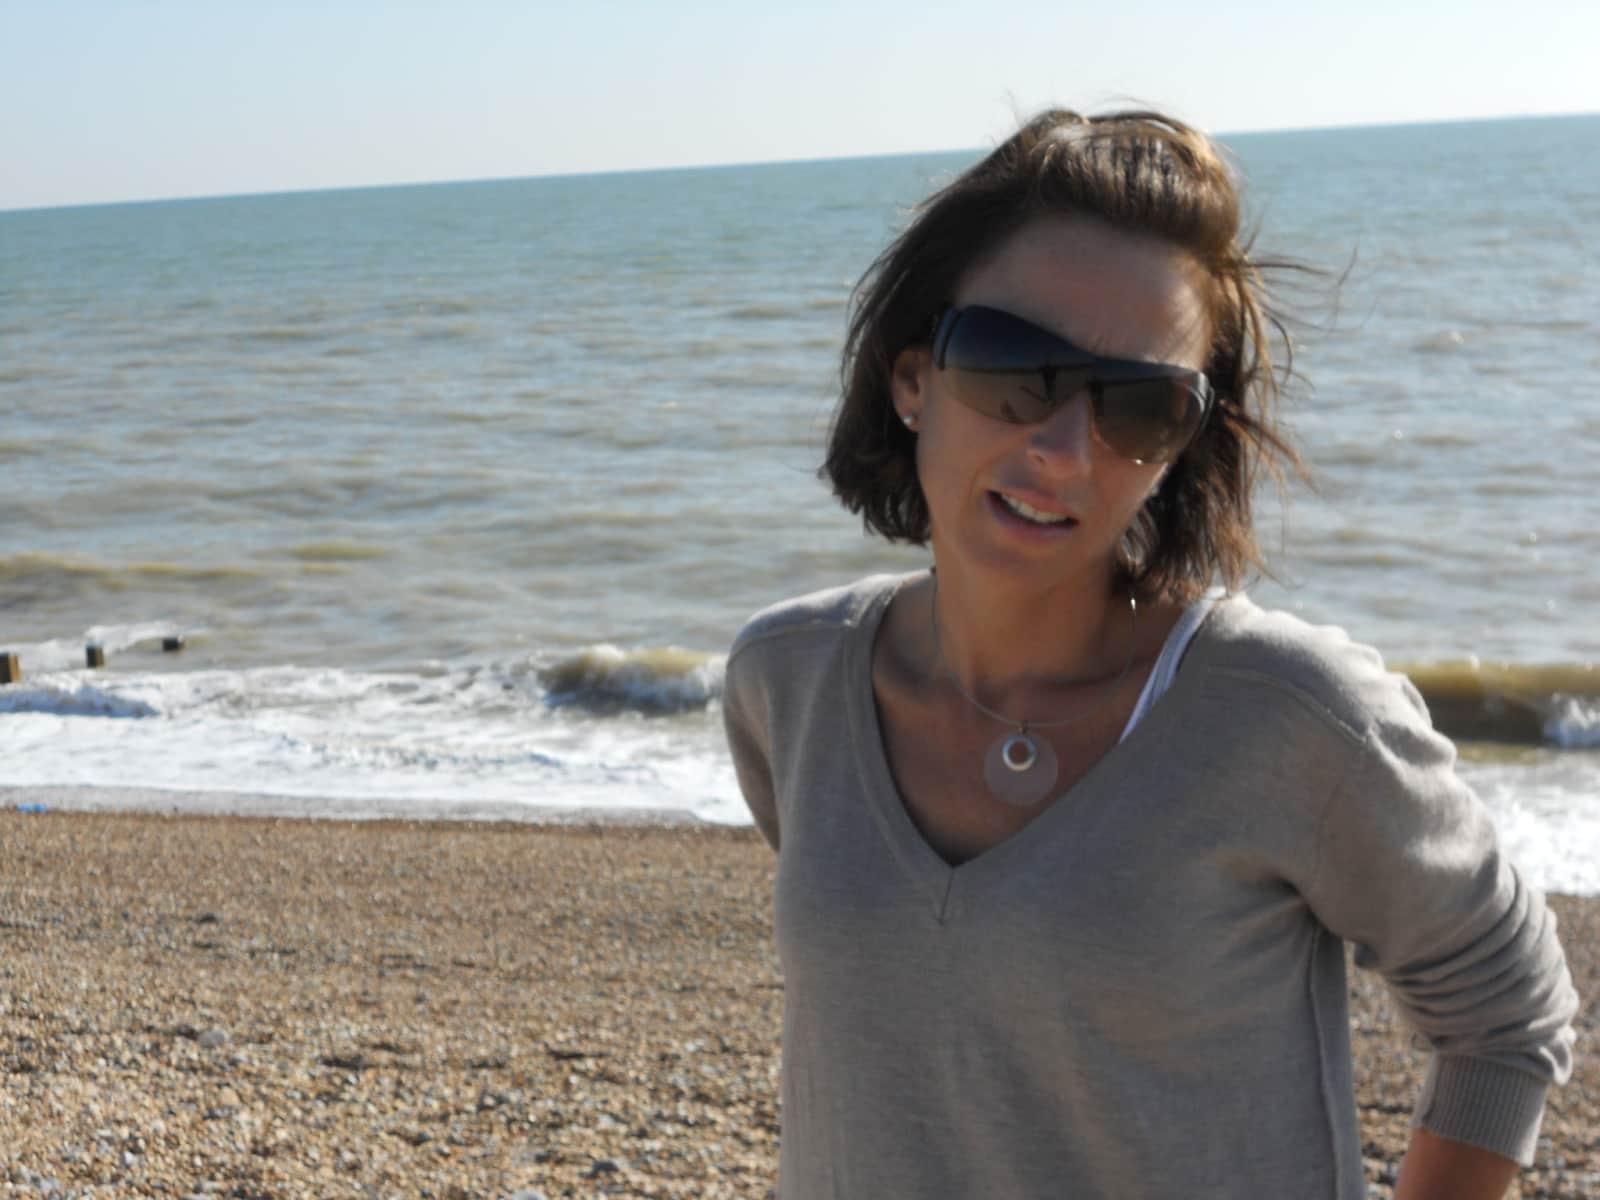 Emmeline from Ledbury, United Kingdom